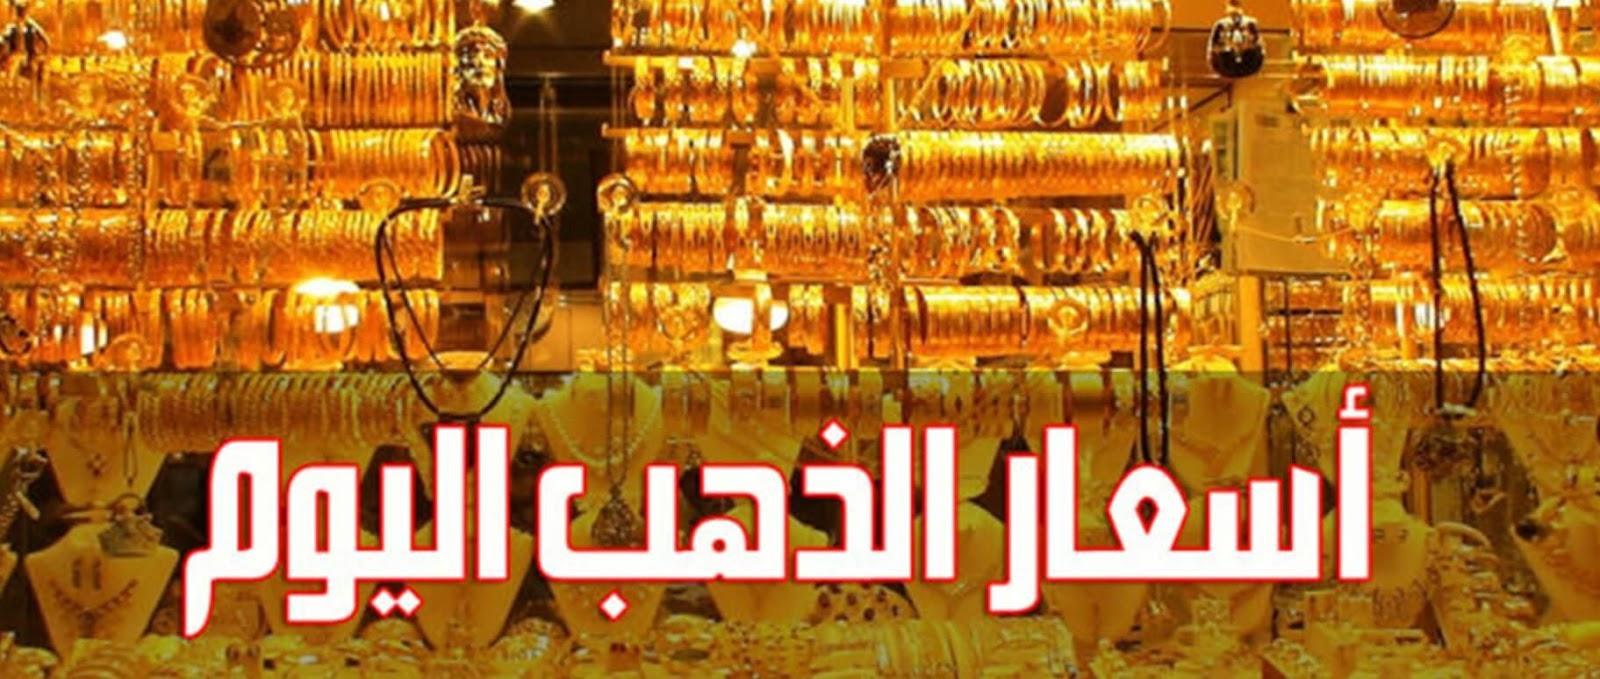 سعر الذهب اليوم,سعر الذهب عيار ٢١ اليوم,سعر الذهب اليوم عيار ١٨,سعر الذهب اليوم عيار 18,سعر الذهب عيار 21 اليوم,سعر الذهب عيار ٢١ اليوم في مصر,سعر الذهب اليوم الخميس,سعر الذهب اليوم الجمعه,سعر الذهب عيار 18,سعر الذهب يوم السبت,سعر الذهب يوم الخميس,سعر الذهب يوم الاثنين,سعر الذهب يوم الثلاثاء,سعر الذهب يناير 2020,سعر الذهب يوم الاربعاء,سعر الذهب يوم الخميس الماضي,سعر الذهب يوم الاحد,i اسعار الذهب,سعر الذهب والدولار,سعر الذهب والفضة اليوم,سعر الذهب والمصنعيه,سعر الذهب والحديد,سعر الذهب والحديد اليوم,سعر الذهب والعملات اليوم,سعر الذهب واحد عيار 21,سعر الذهب والفضة,سعر الذهب الان,سعر الذهب في مصر,سعر الذهب اليوم في مصر,سعر الذهب في السعودية,سعر الذهب عيار 21,سعر الذهب هذا الاسبوع,سعر الذهب هذا اليوم,سعر الذهب هذه اللحظة,سعر الذهب هل سينخفض,سعر الذهب هينزل امتى,سعر الذهب هذا اليوم في العراق,سعر الذهب هولندا,سعر الذهب هولندا اليوم,هل سعر الذهب سينخفض,هل سعر الذهب مرتفع,هل سعر الذهب هينخفض,هل سعر الذهب هيرخص,هل سعر الذهب شامل الضريبه,هل سعر الذهب مرتبط بالدولار,هل سعر الذهب مرتفع أم منخفض اليوم,هل سعر الذهب يشمل الضريبه,سعر الذهب نوفمبر 2020,سعر الذهب نوفمبر 2019,سعر الذهب نوفمبر 2016,سعر الذهب نوفمبر 2018,سعر الذهب نوفمبر ٢٠٢٠,سعر الذهب نوفمبر 2015,سعر الذهب نوفمبر ٢٠١٦,سعر الذهب نوفمبر 2011,سعر الذهب مباشر,سعر الذهب مصر,سعر الذهب مباشر مصر,سعر الذهب مصراوى,سعر الذهب مباشر في مصر الان,سعر الذهب مساء اليوم,سعر الذهب من شهر,سعر الذهب مارس 2020,كم سعر الذهب اليوم,كم سعر الذهب,كم سعر الذهب اليوم عيار 21,كم سعر الذهب عيار 21,كم سعر الذهب الأبيض اليوم,كم سعر الذهب اليوم الجمعة,كم سعر الذهب النهارده,كم سعر الذهب الان,سعر الذهب لحظة بلحظة,سعر الذهب لازوردي,سعر الذهب للبيع,سعر الذهب لازوردي اليوم في مصر,سعر الذهب للبيع عيار 21,سعر الذهب لايف,سعر الذهب لازوردي عيار 18 اليوم,سعر الذهب كم النهارده,سعر الذهب كم اليوم,سعر الذهب كام اليوم,سعر الذهب كام,سعر الذهب كم عيار 21,سعر الذهب كم في مصر,سعر الذهب كم النهارده في مصر,سعر الذهب كيتكو,سعر الذهب قبل ساعه,سعر الذهب قبل كورونا,سعر الذهب قبل شهر,سعر الذهب قطر,سعر الذهب قديم,سعر الذهب قديم اليوم,سعر الذهب قبل عشرين سنه,سعر الذهب قد ايه,سعر